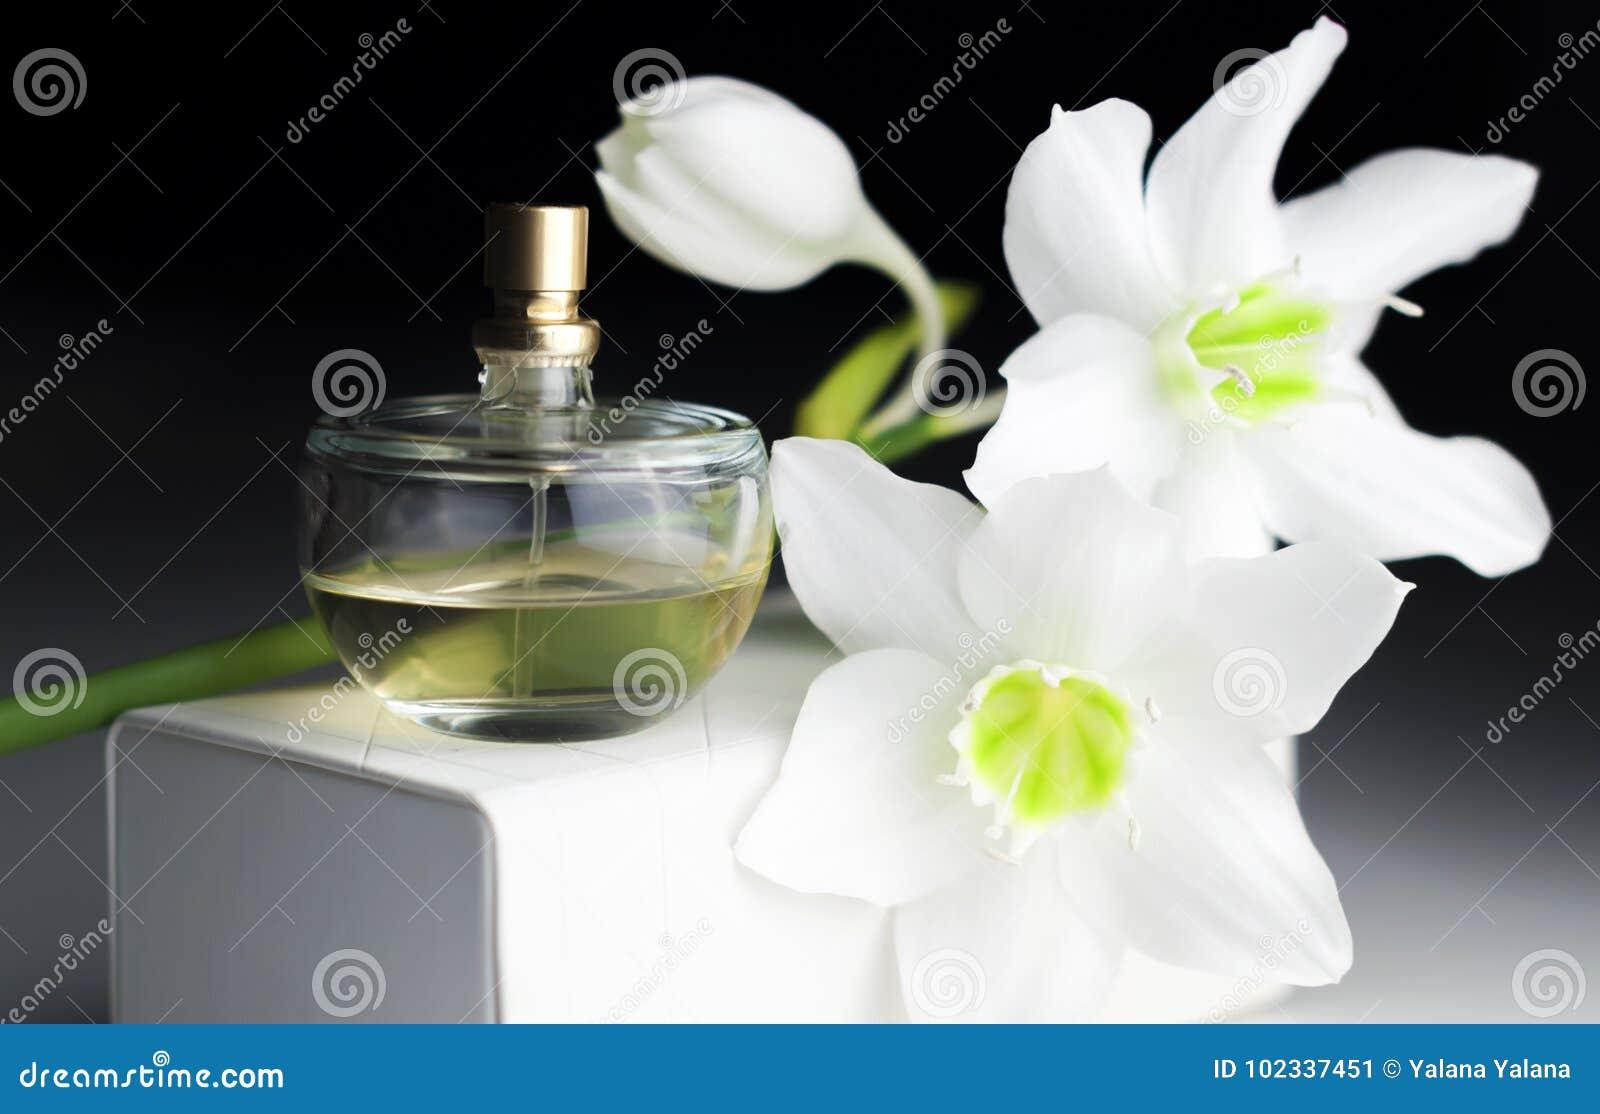 Μπουκάλι του αρώματος, άσπρο daffodil σε ένα σκοτεινό υπόβαθρο